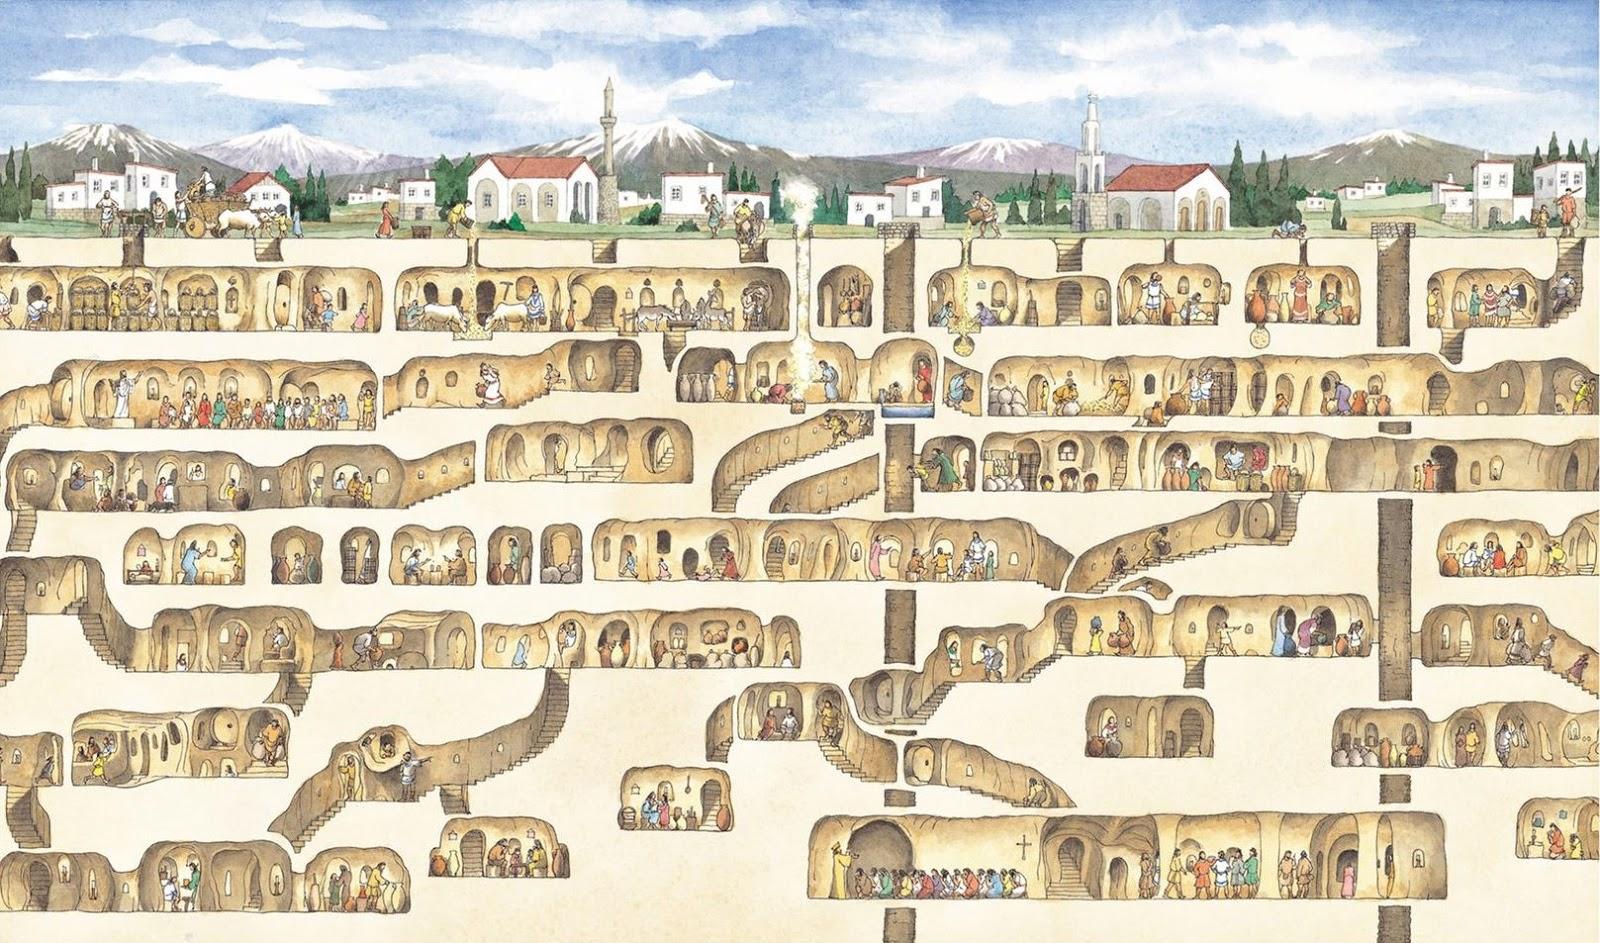 Baño Turco Kadirga Hamami Estambul:La ciudad subterránea se ve en unos 90 minutos, y es muy importante